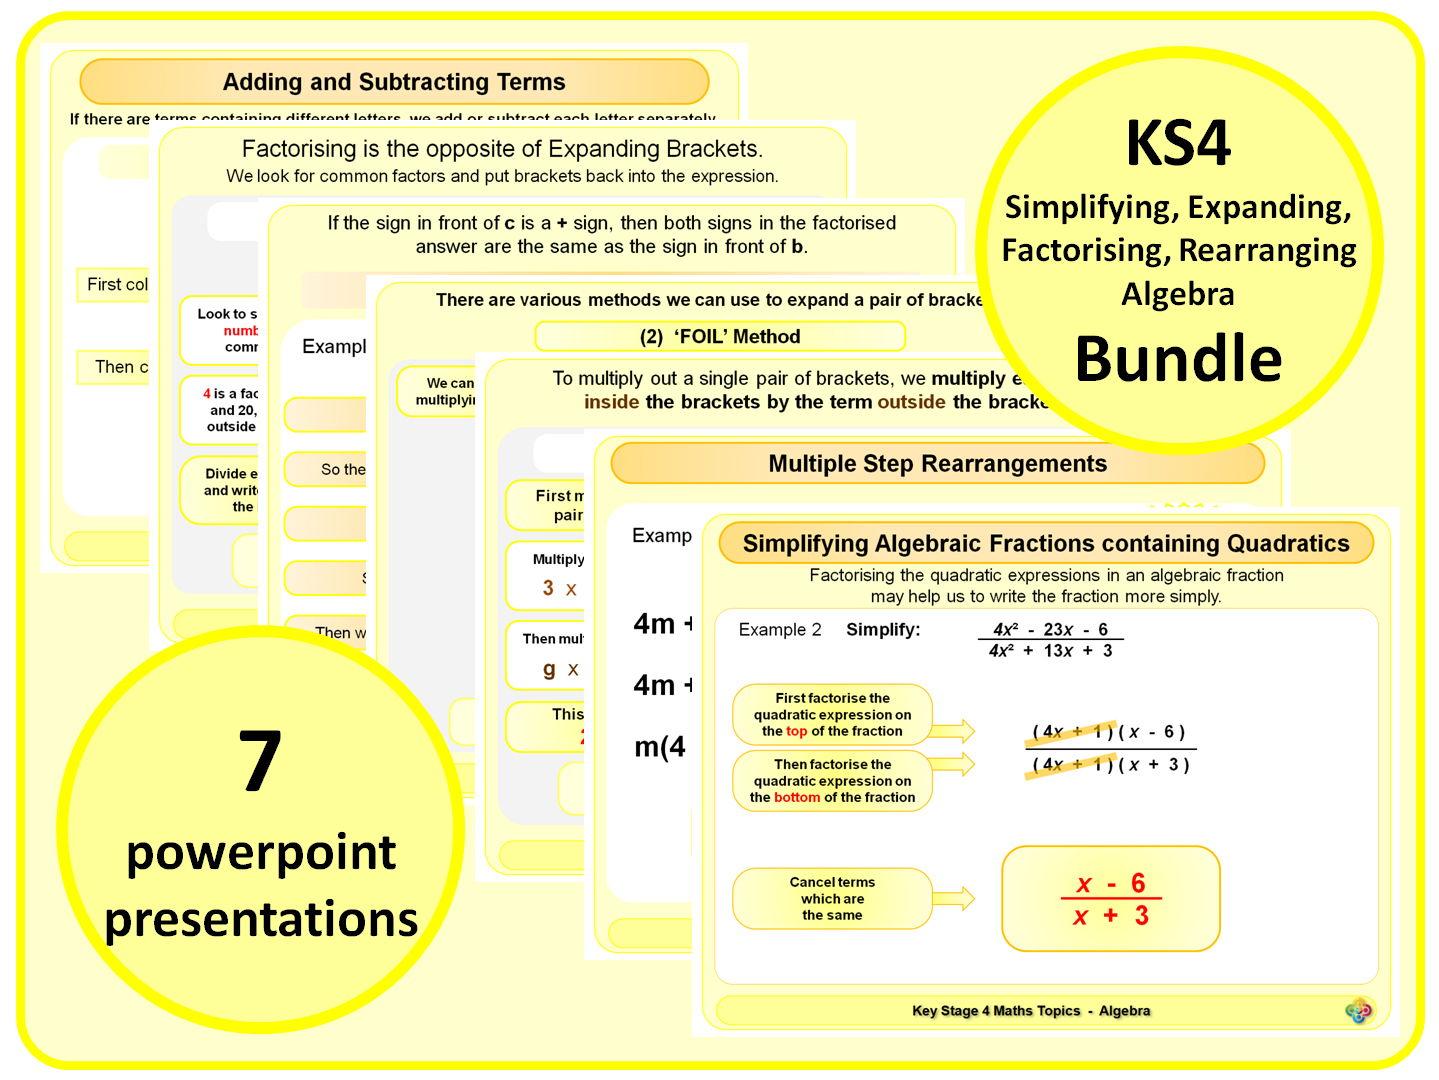 Ks4 Simplifying Expanding Factorising Rearranging